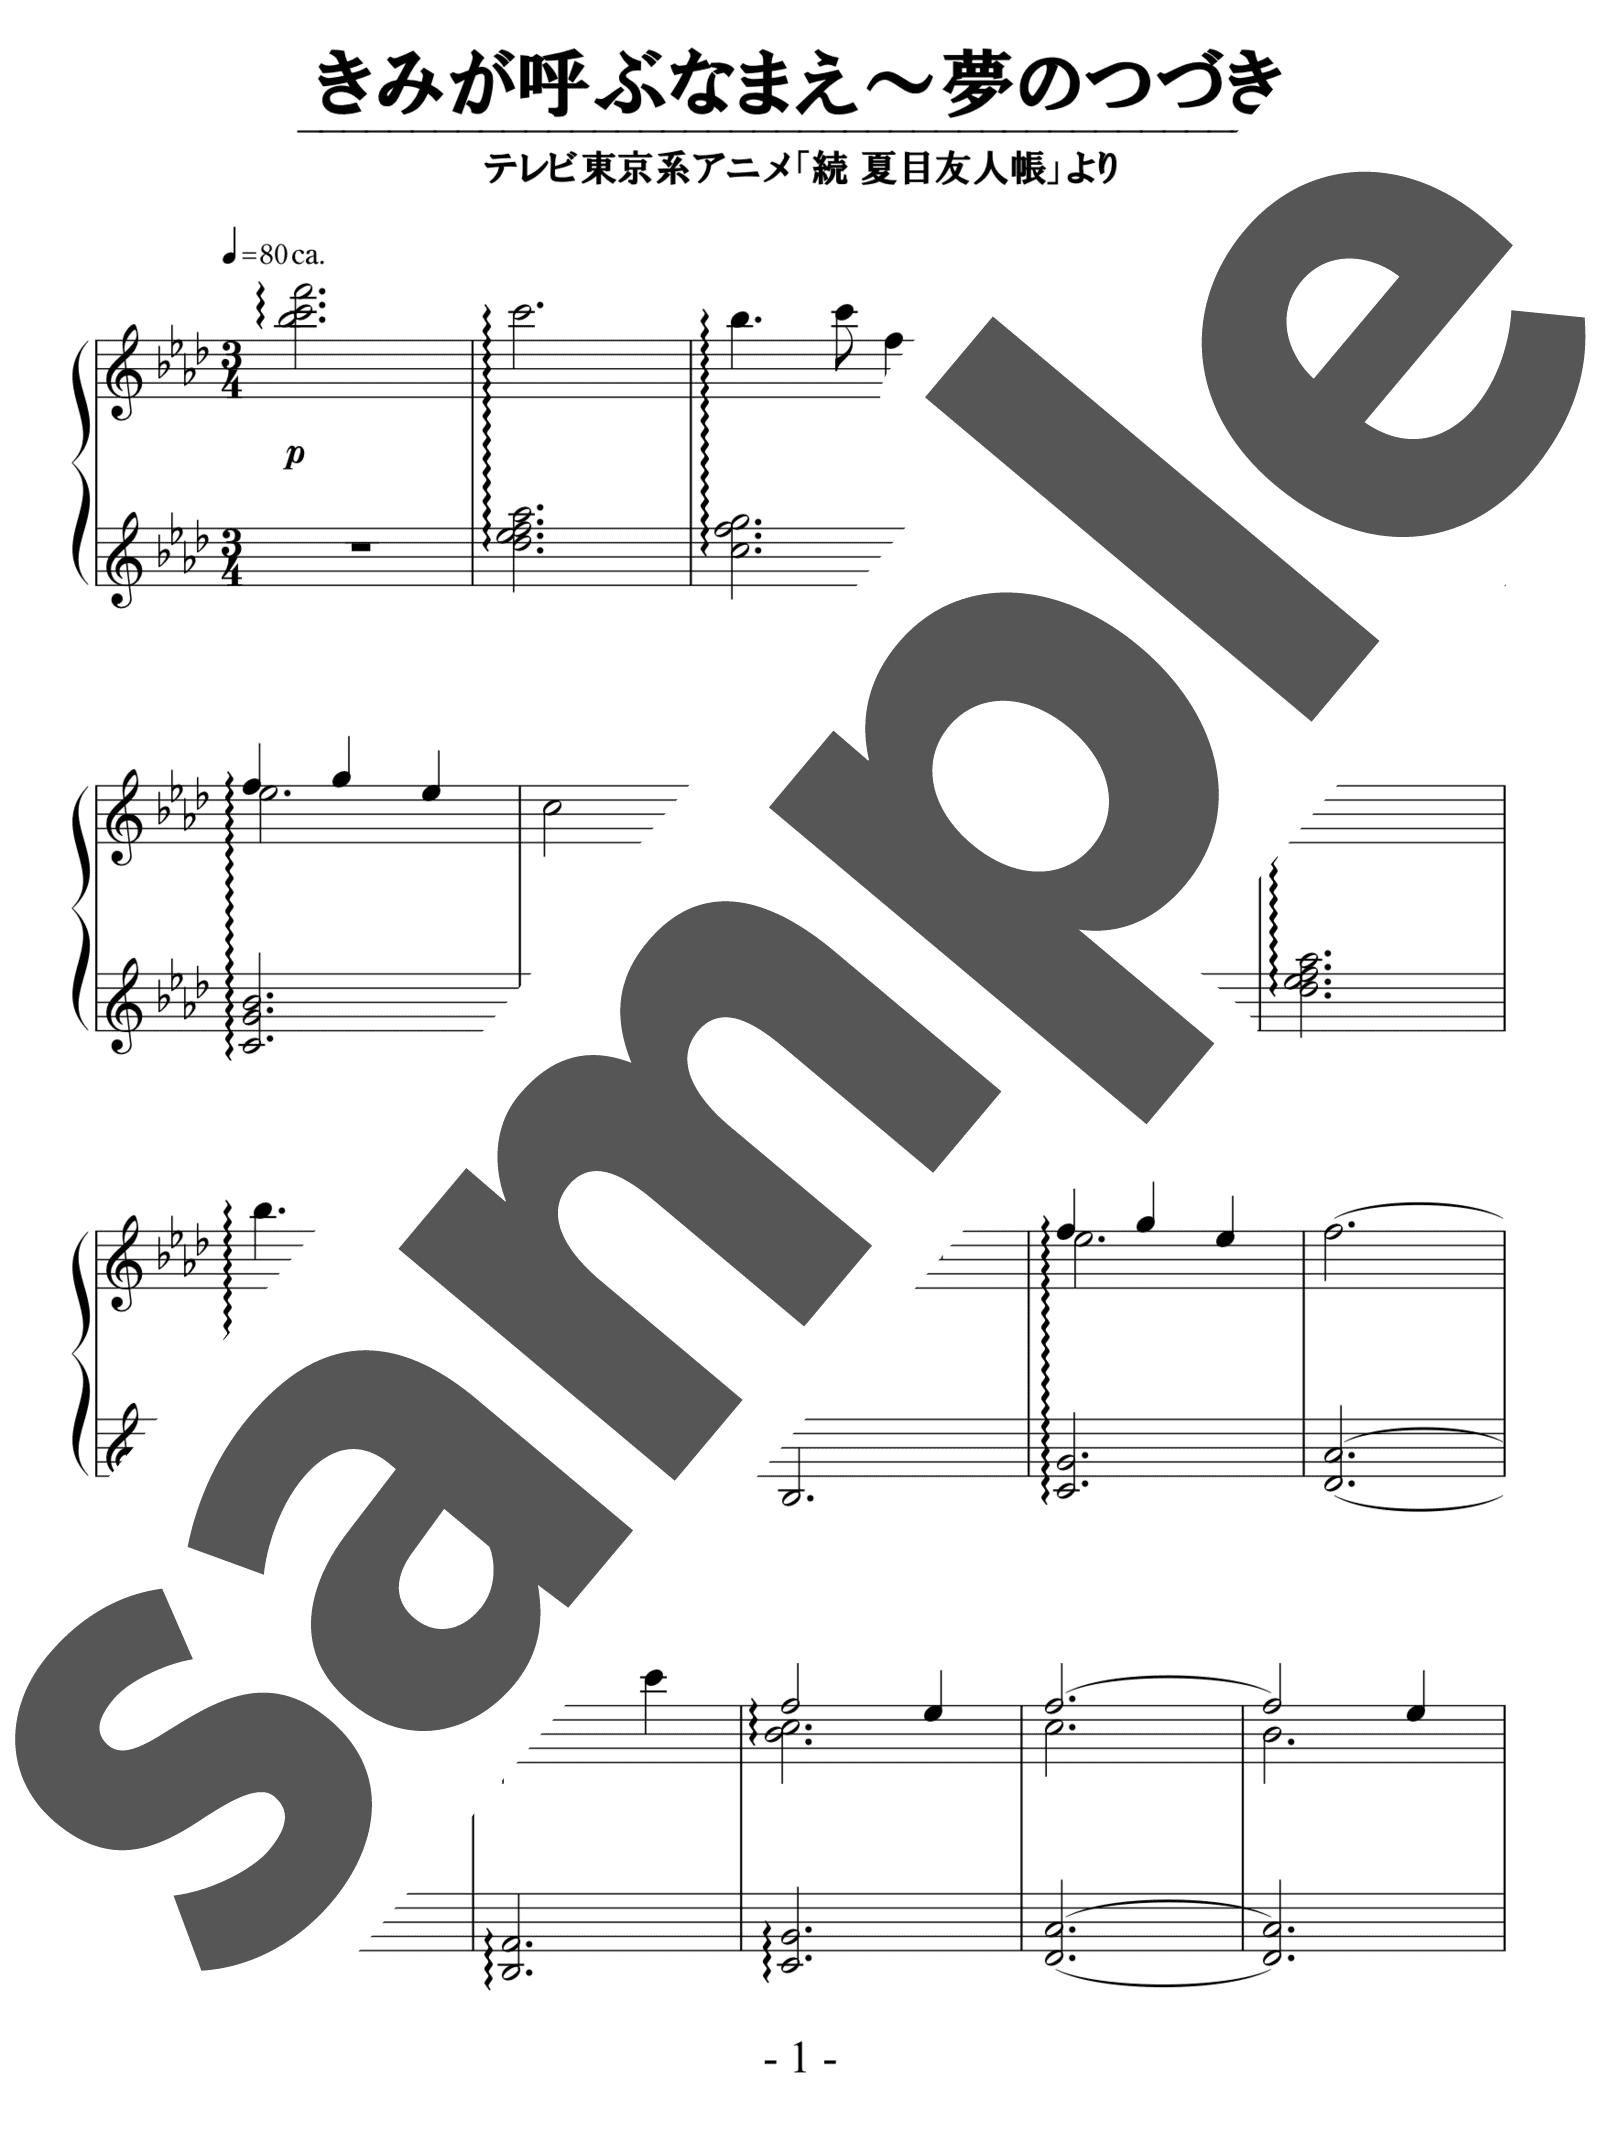 「きみが呼ぶなまえ~夢のつづき」のサンプル楽譜